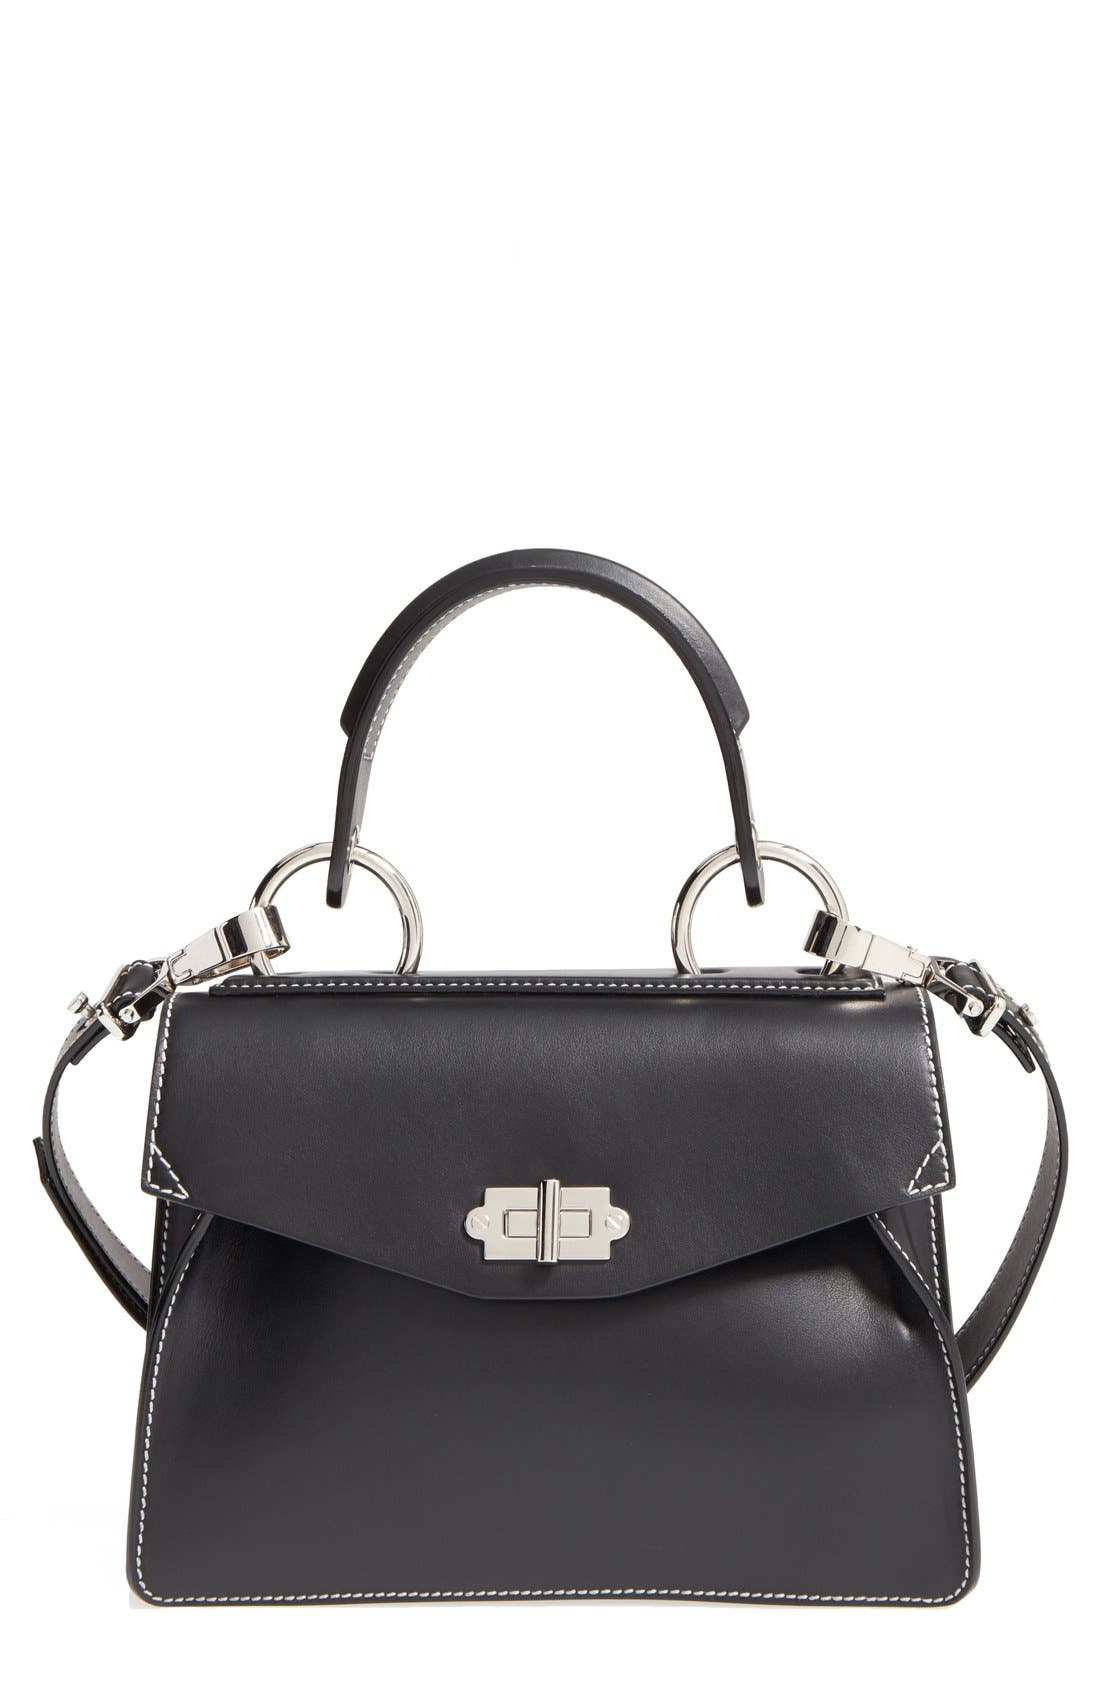 Main Image - Proenza Schouler 'Small Hava' Top Handle Calfskin Leather Satchel